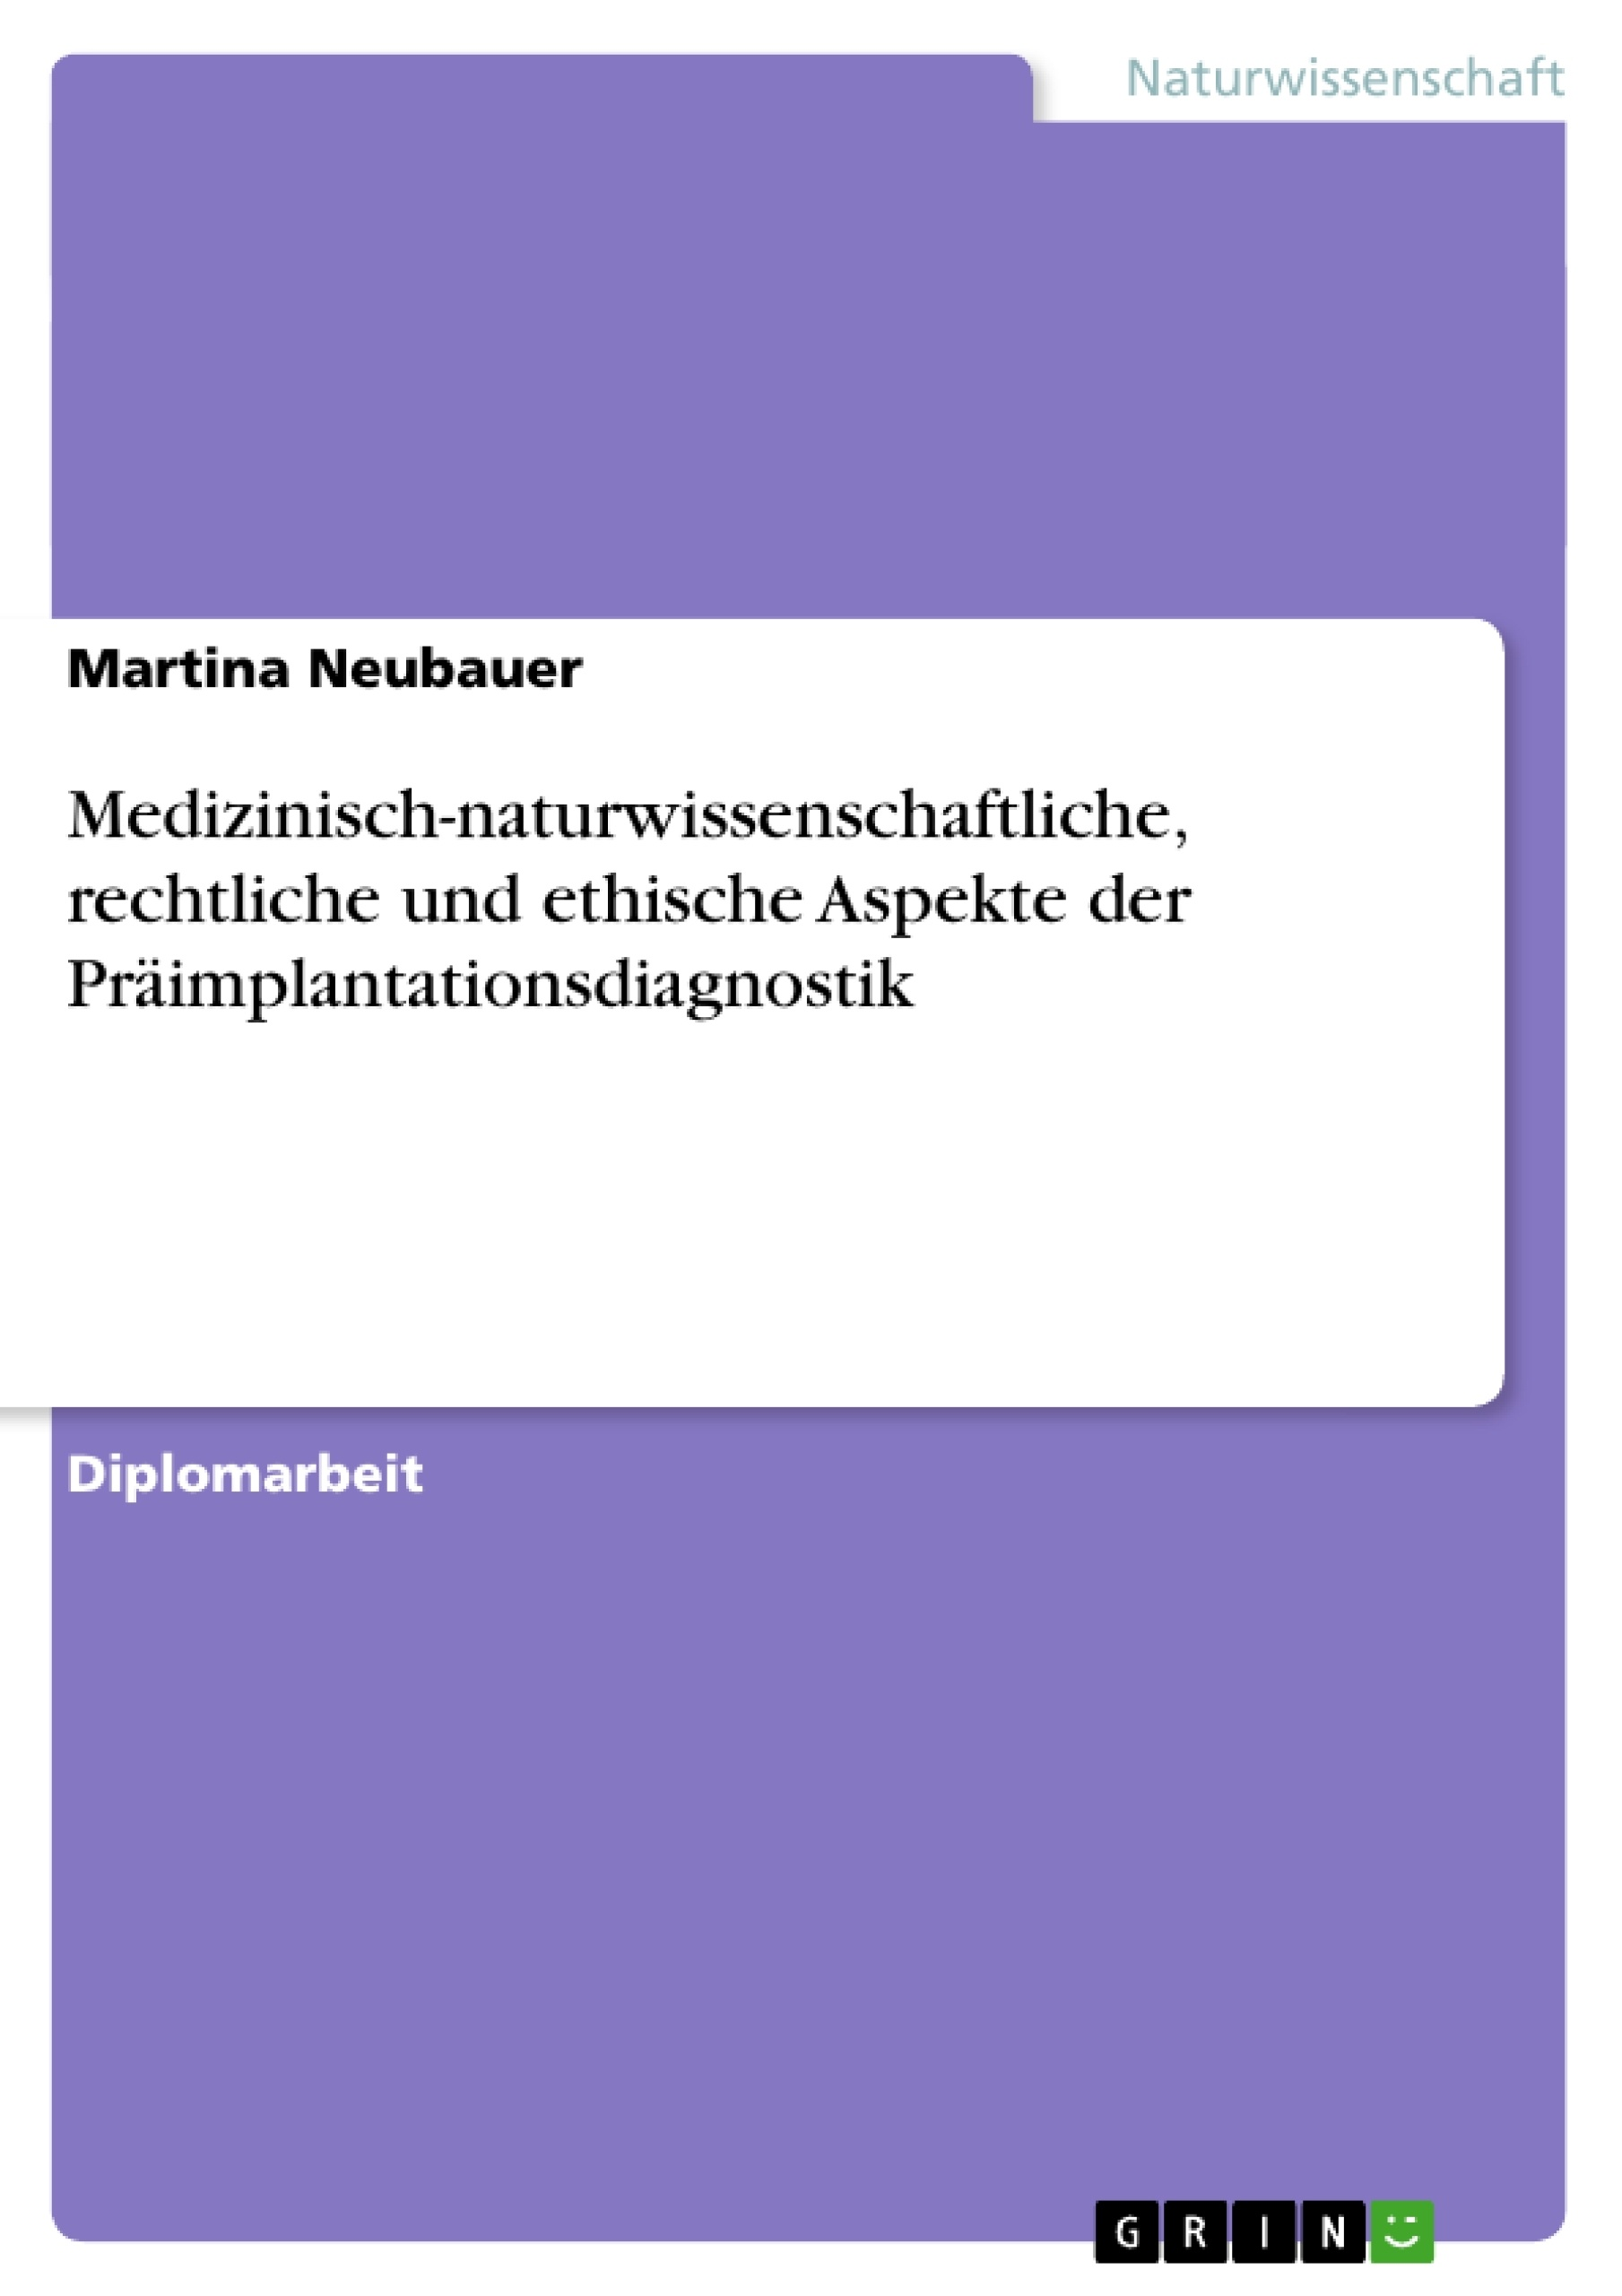 Titel: Medizinisch-naturwissenschaftliche, rechtliche und ethische Aspekte der Präimplantationsdiagnostik